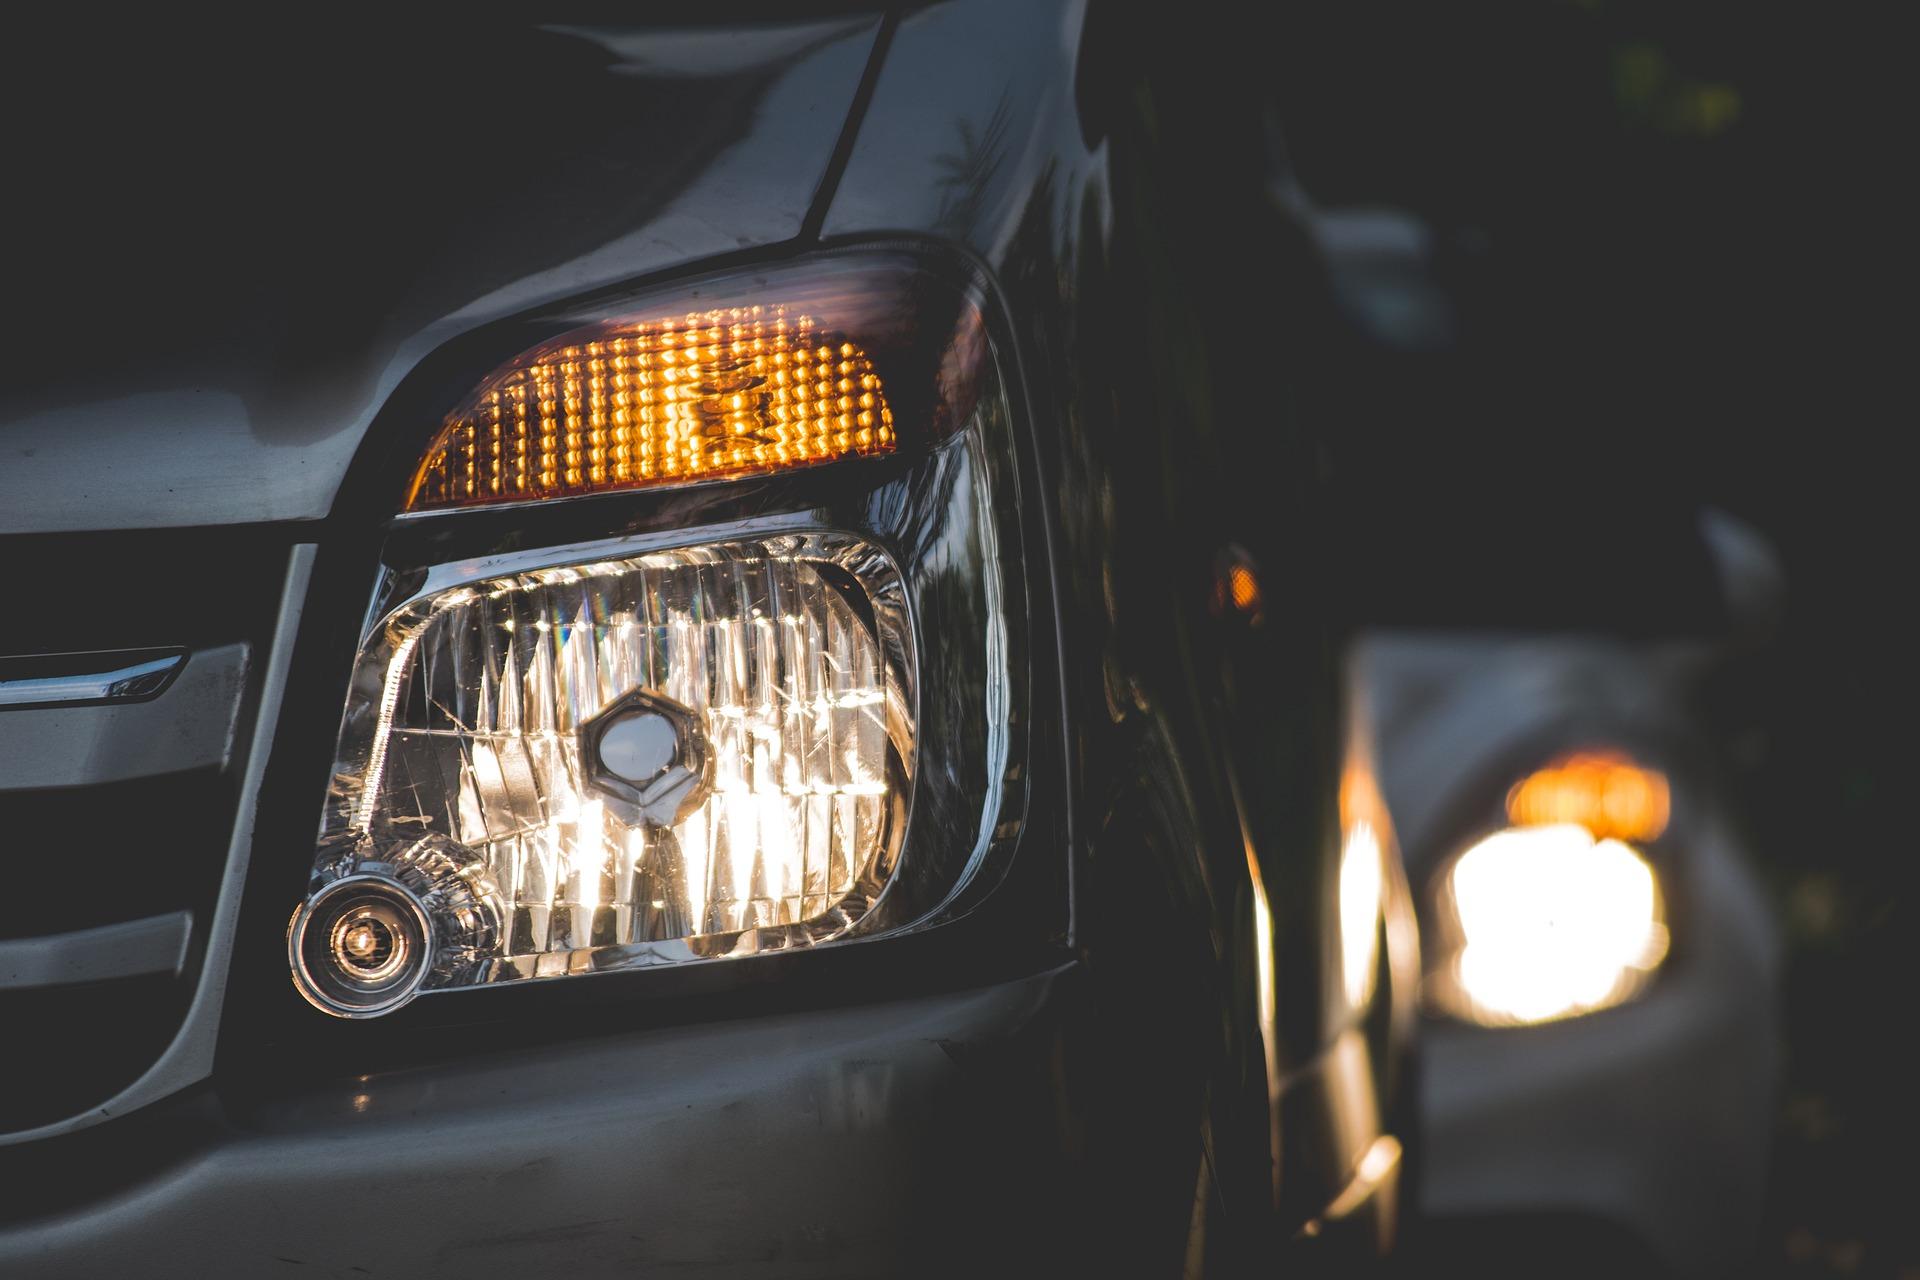 Jaké jsou největší rozdíly mezi halogenovými žárovkami a LED žárovkami?